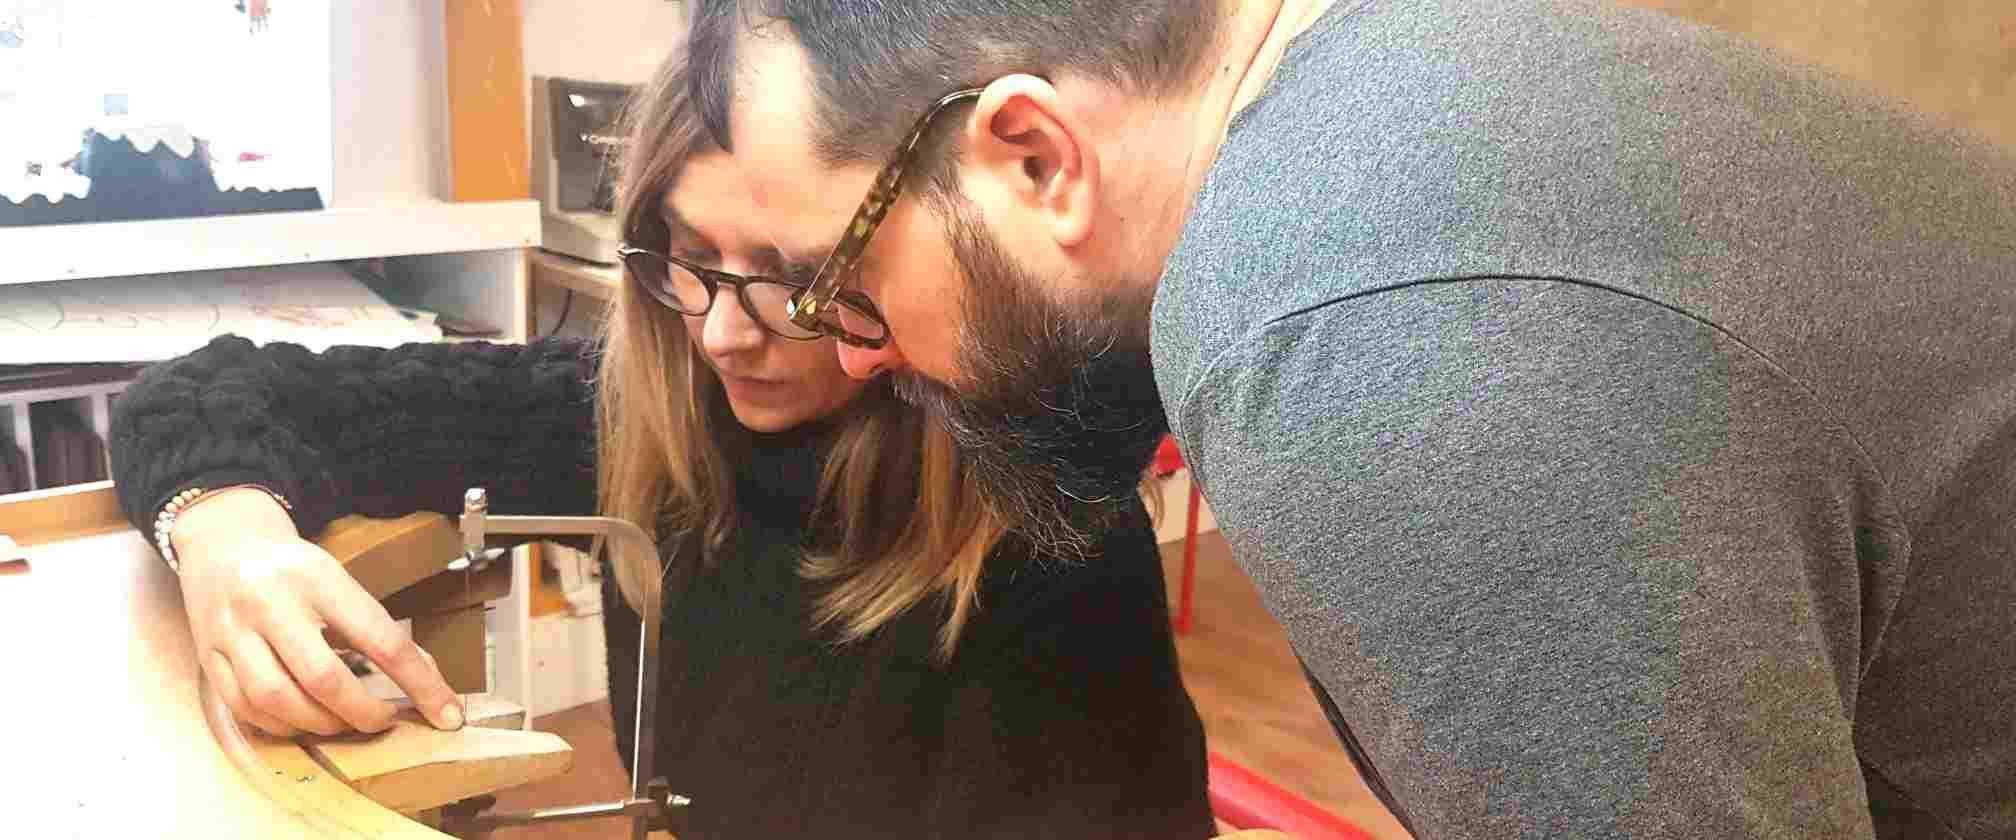 Atelier de fabrication d'Alliances en couple à Bordeaux